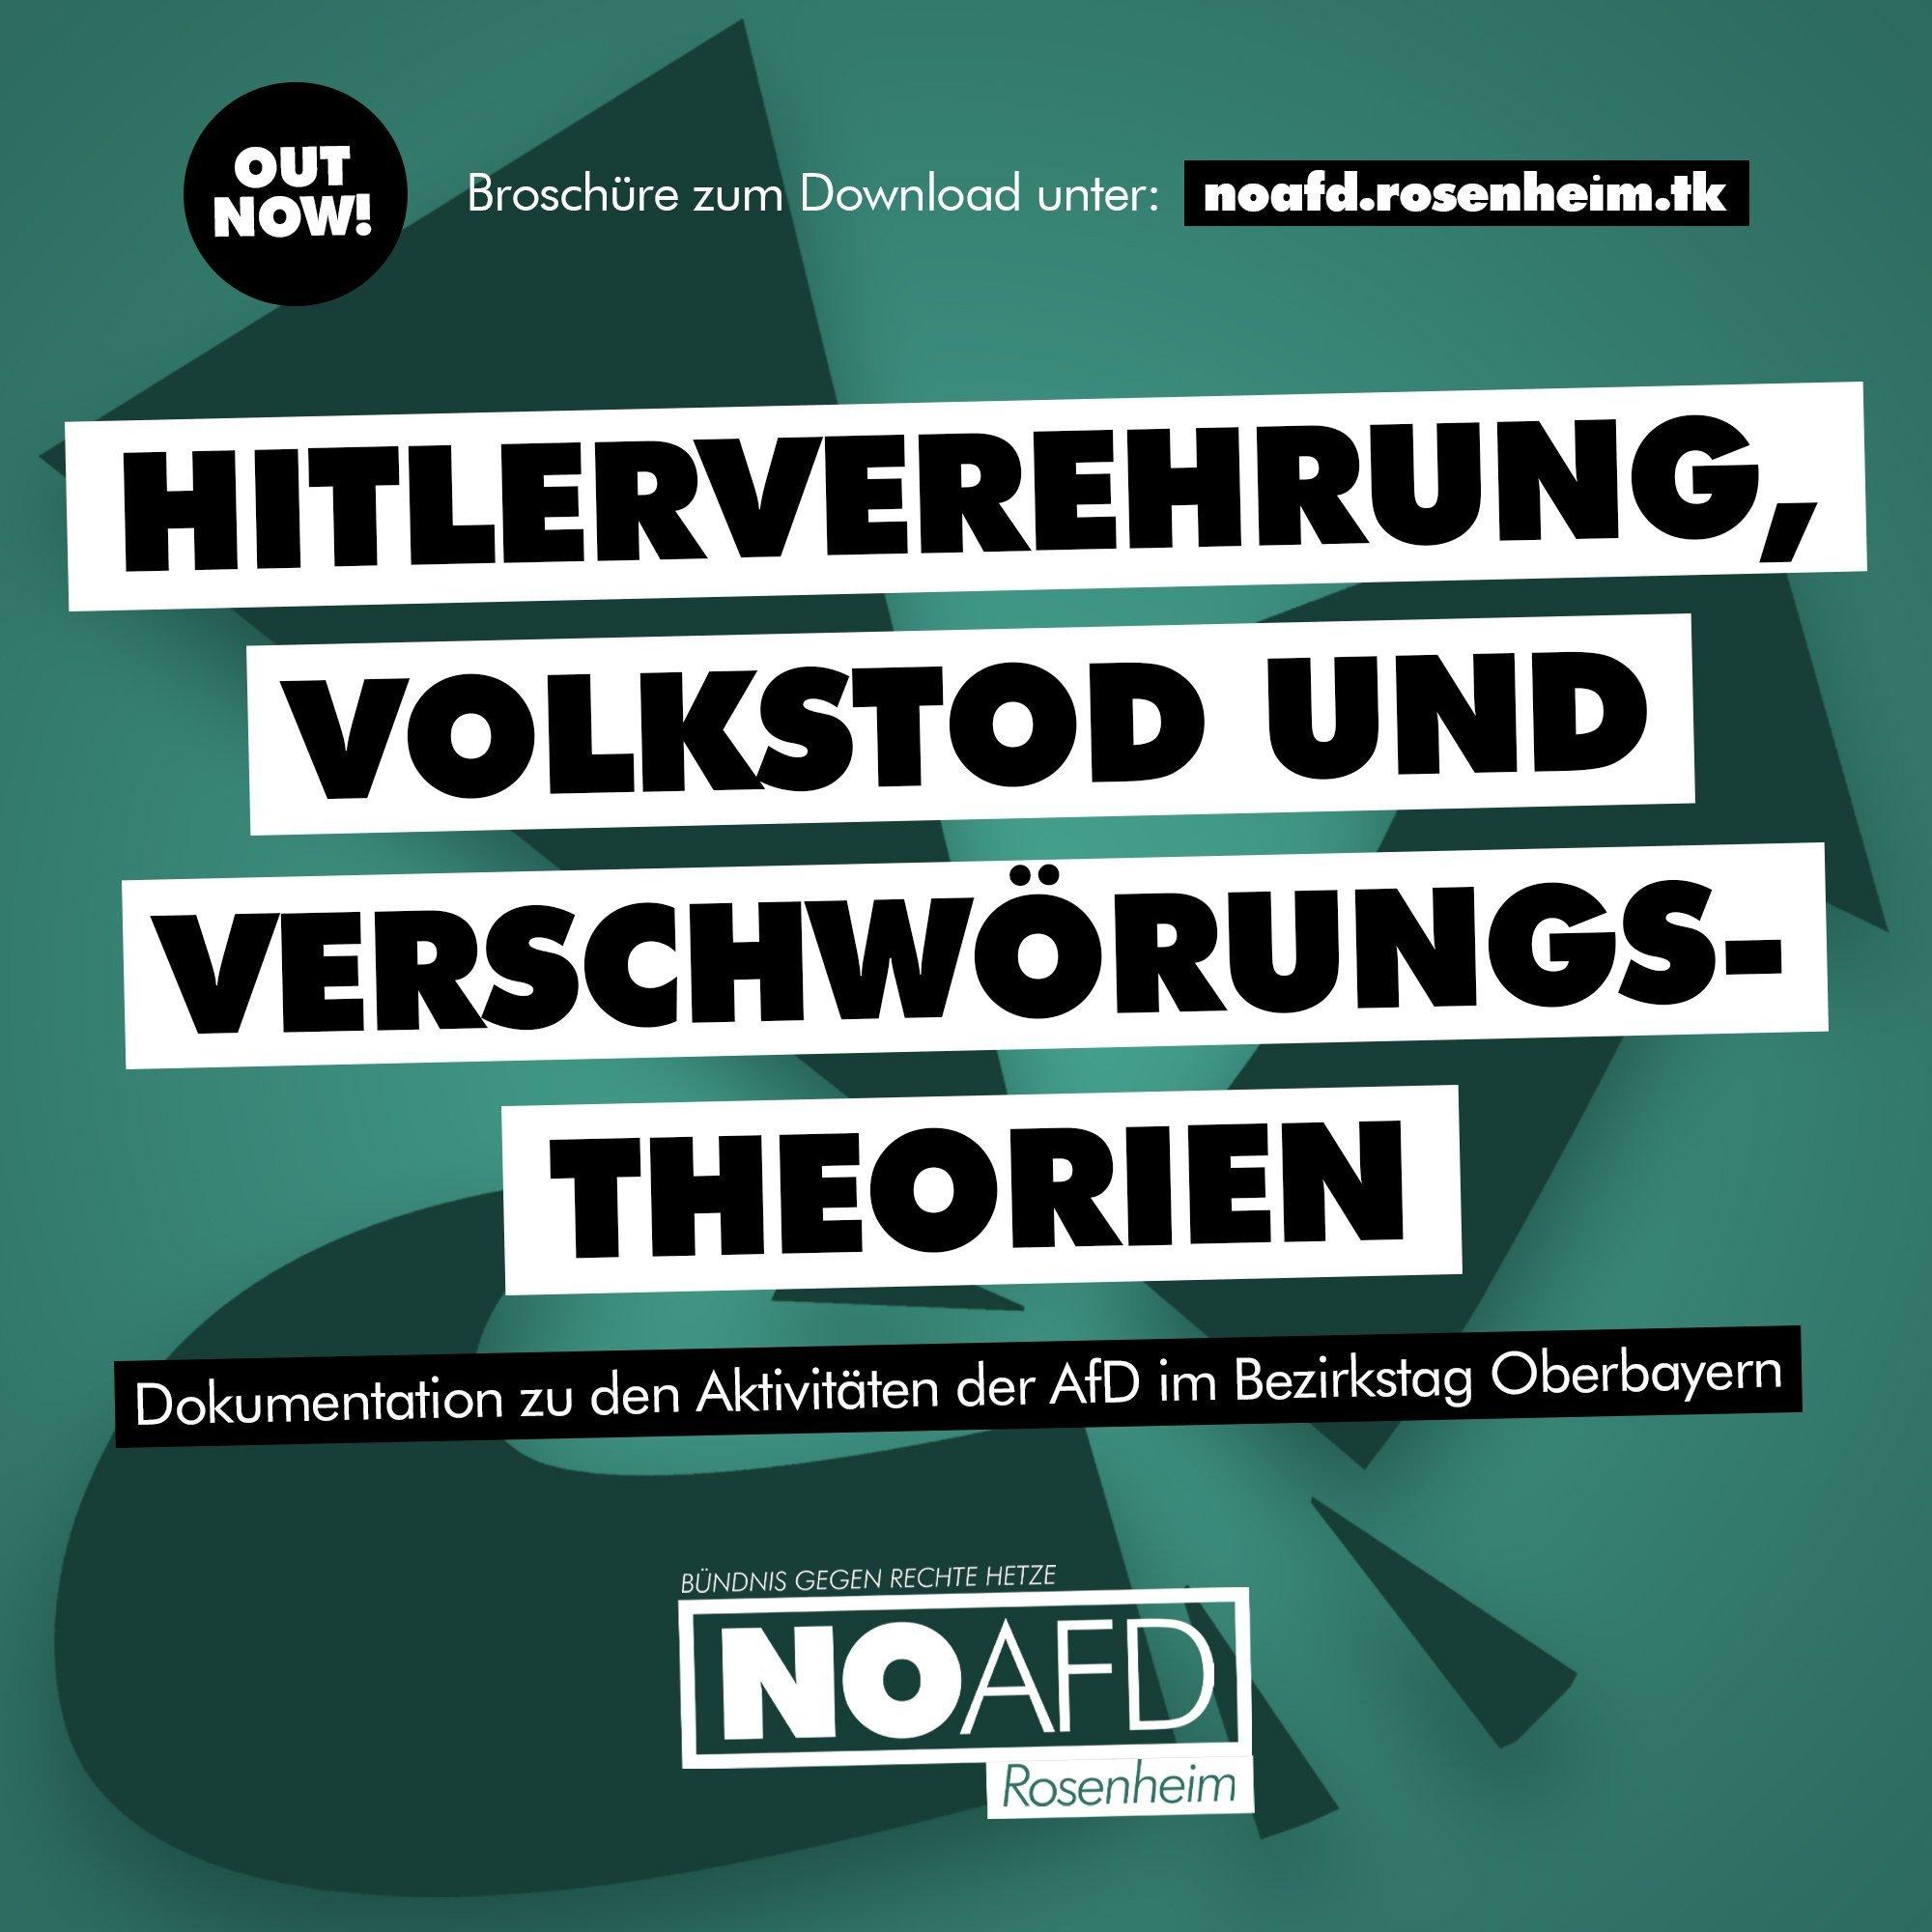 Broschüre zur AfD im Bezirkstag Oberbayern veröffentlicht